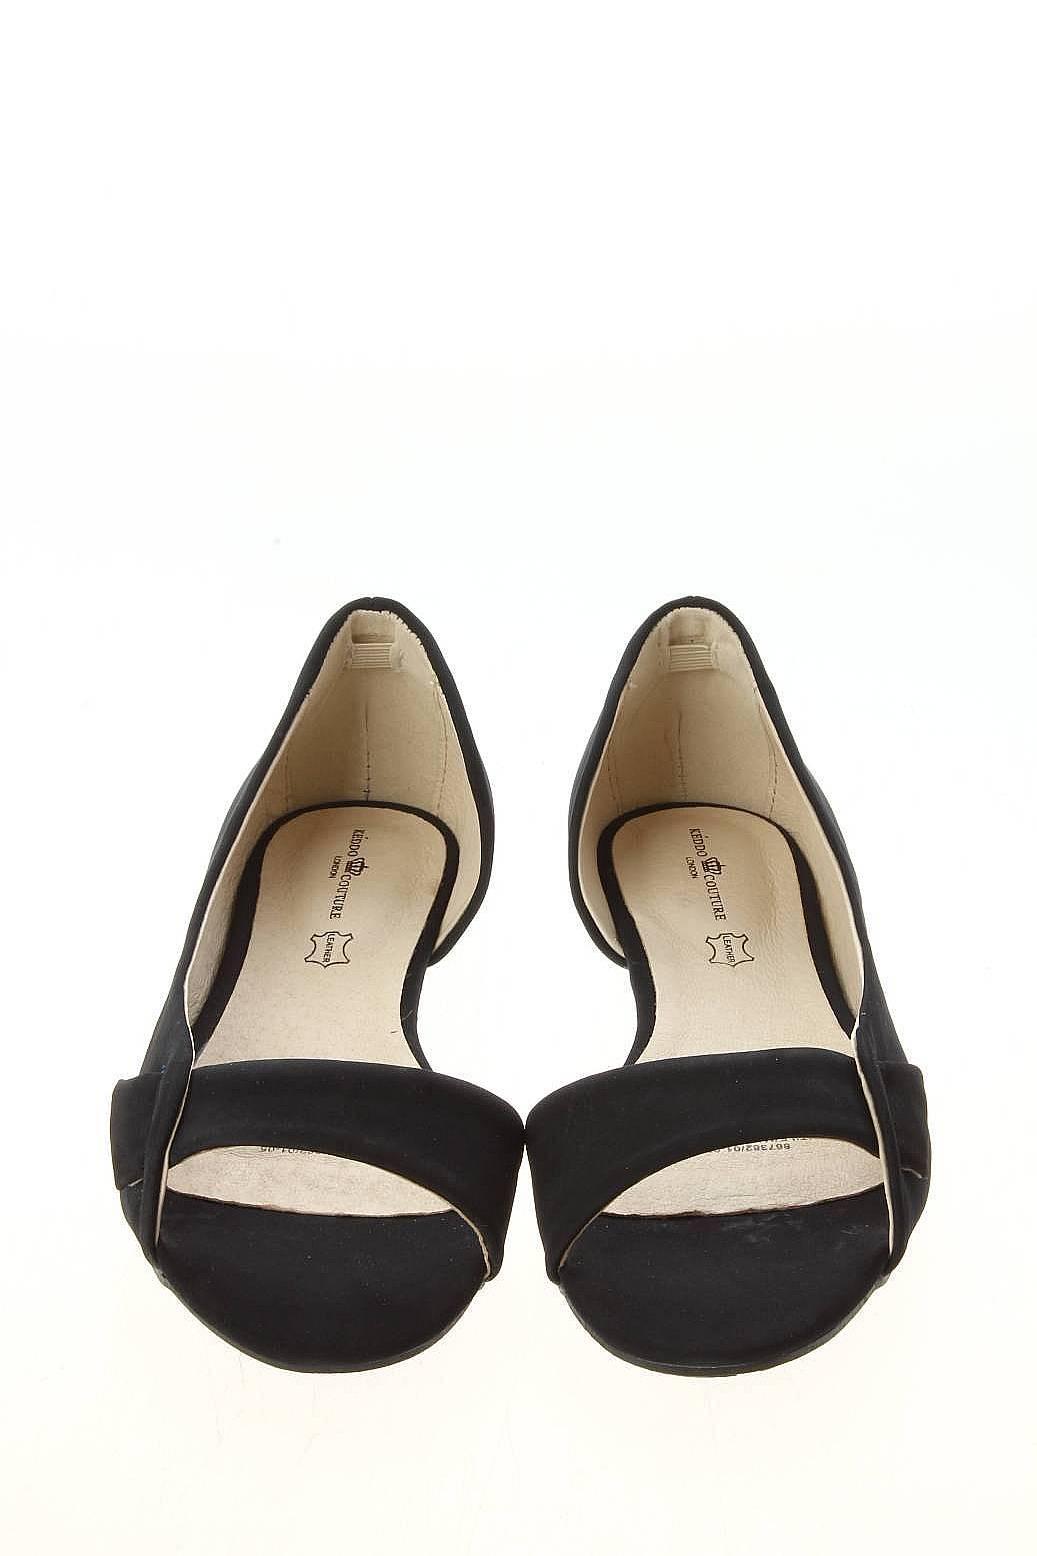 Мужская Обувь Детская Обувь Женская Обувь Туфли Открытые: KEDDO Обувь